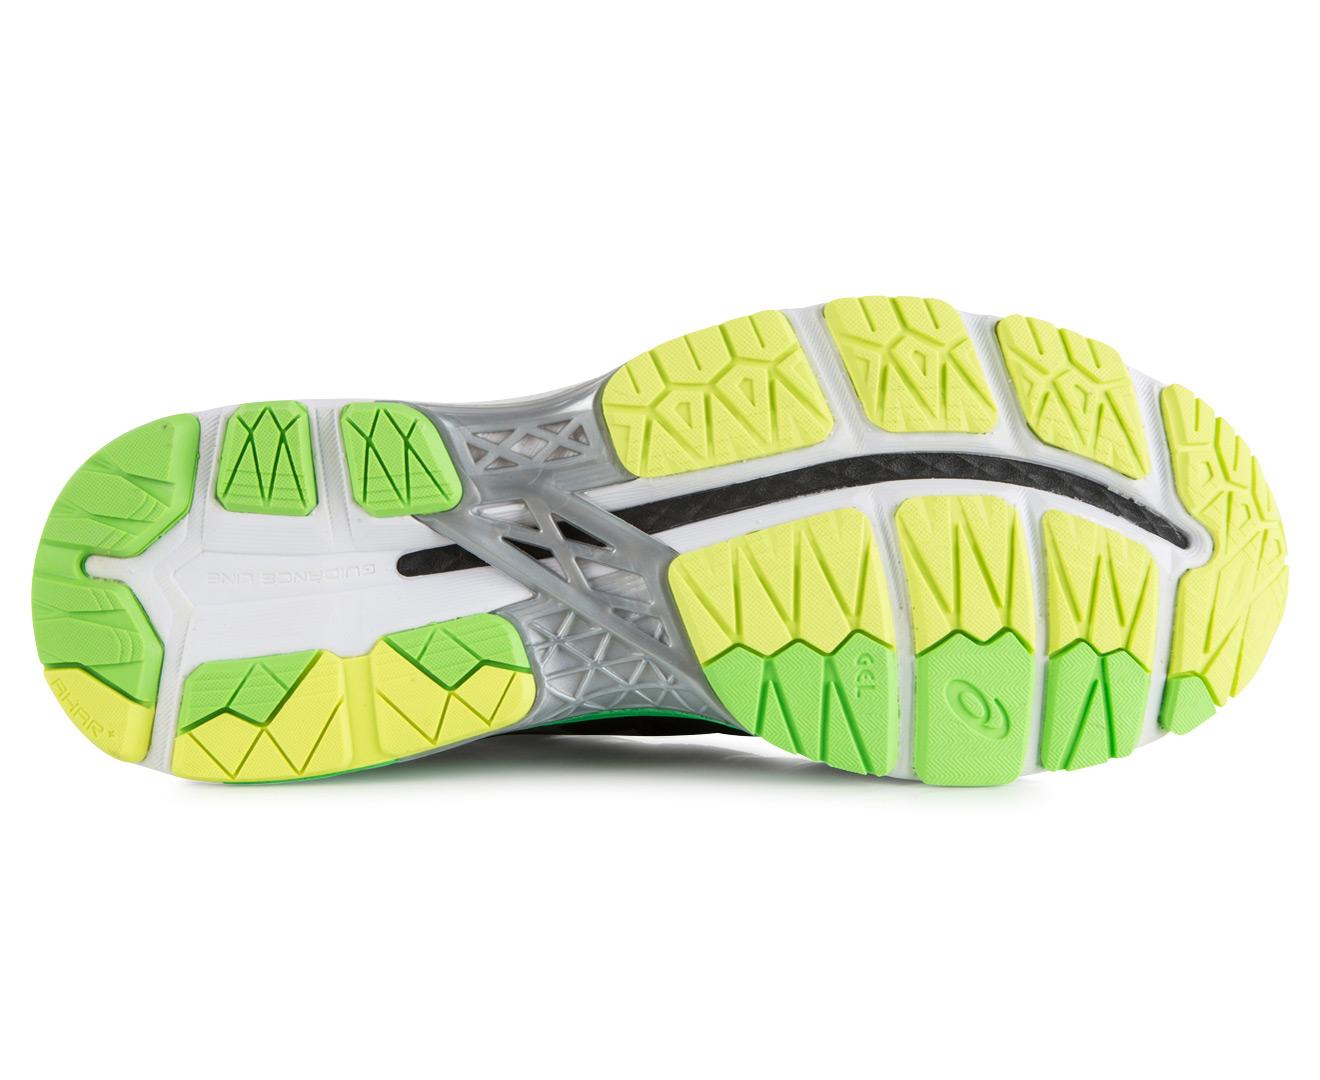 Asics Men S Gel Kayano  Shoe Black Silver Safety Yellow